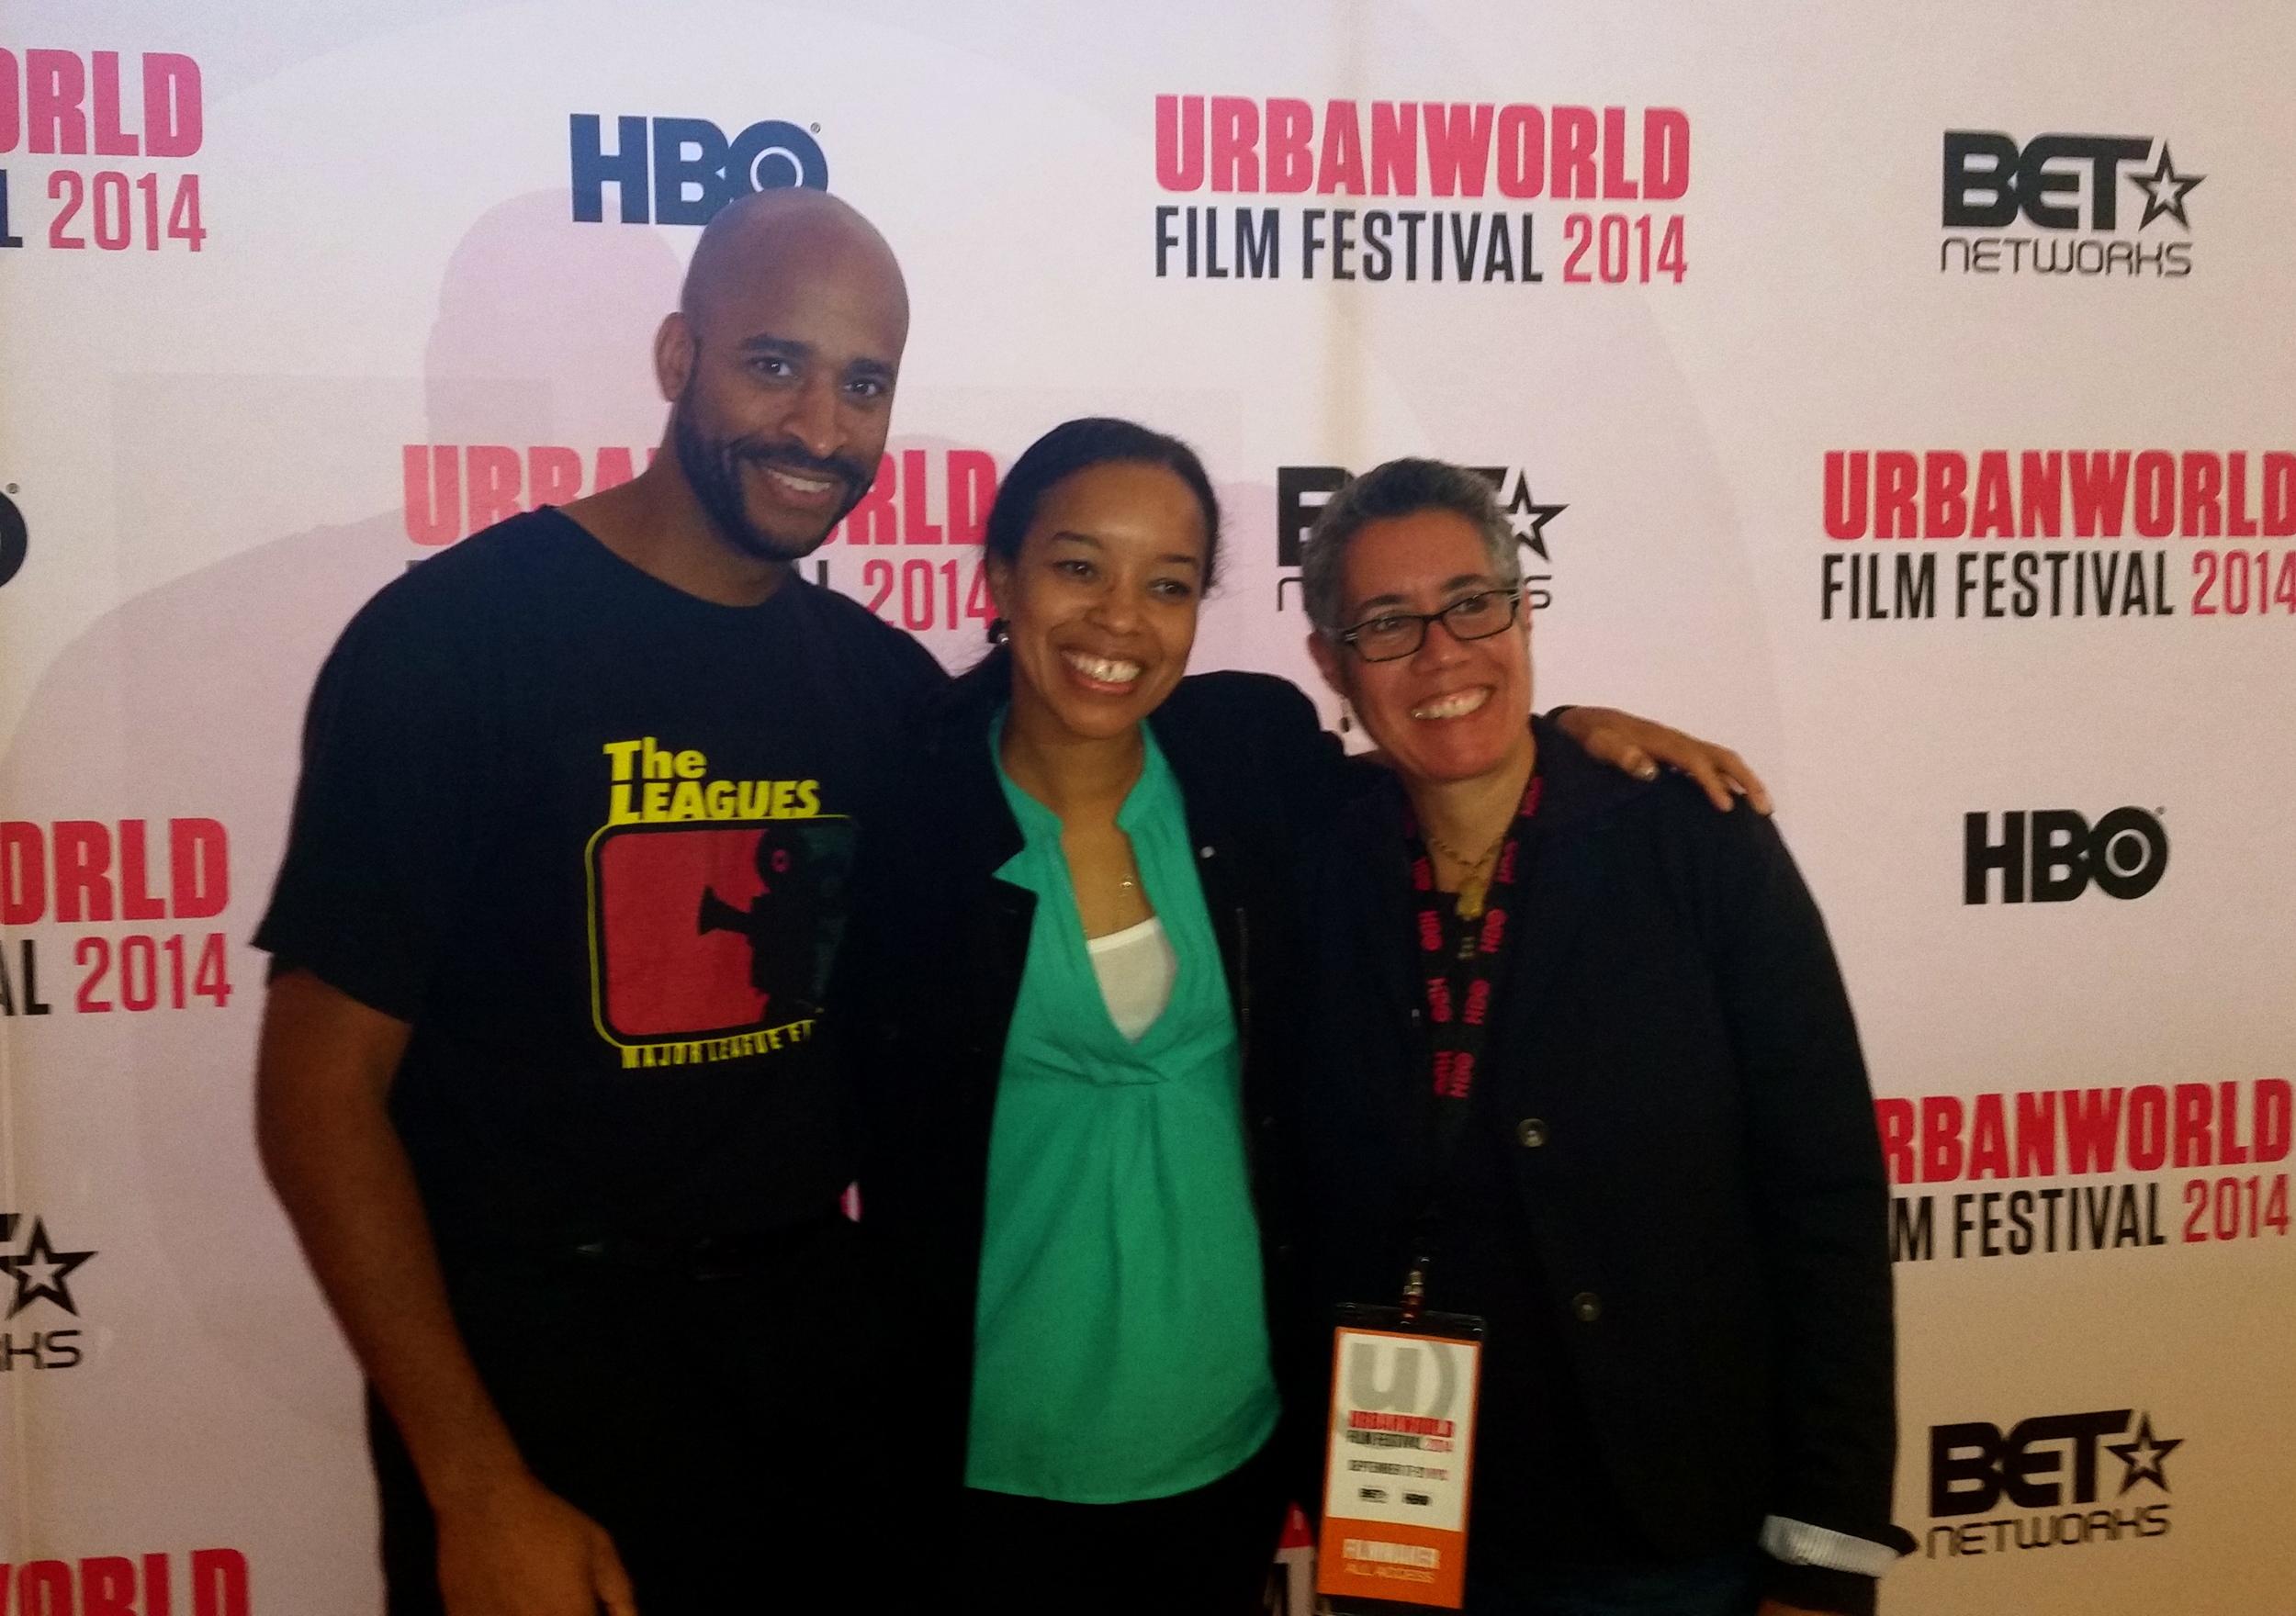 Urban World Film Festival with filmmaker, Booker T. Mattison and production designer, Toni Barton.